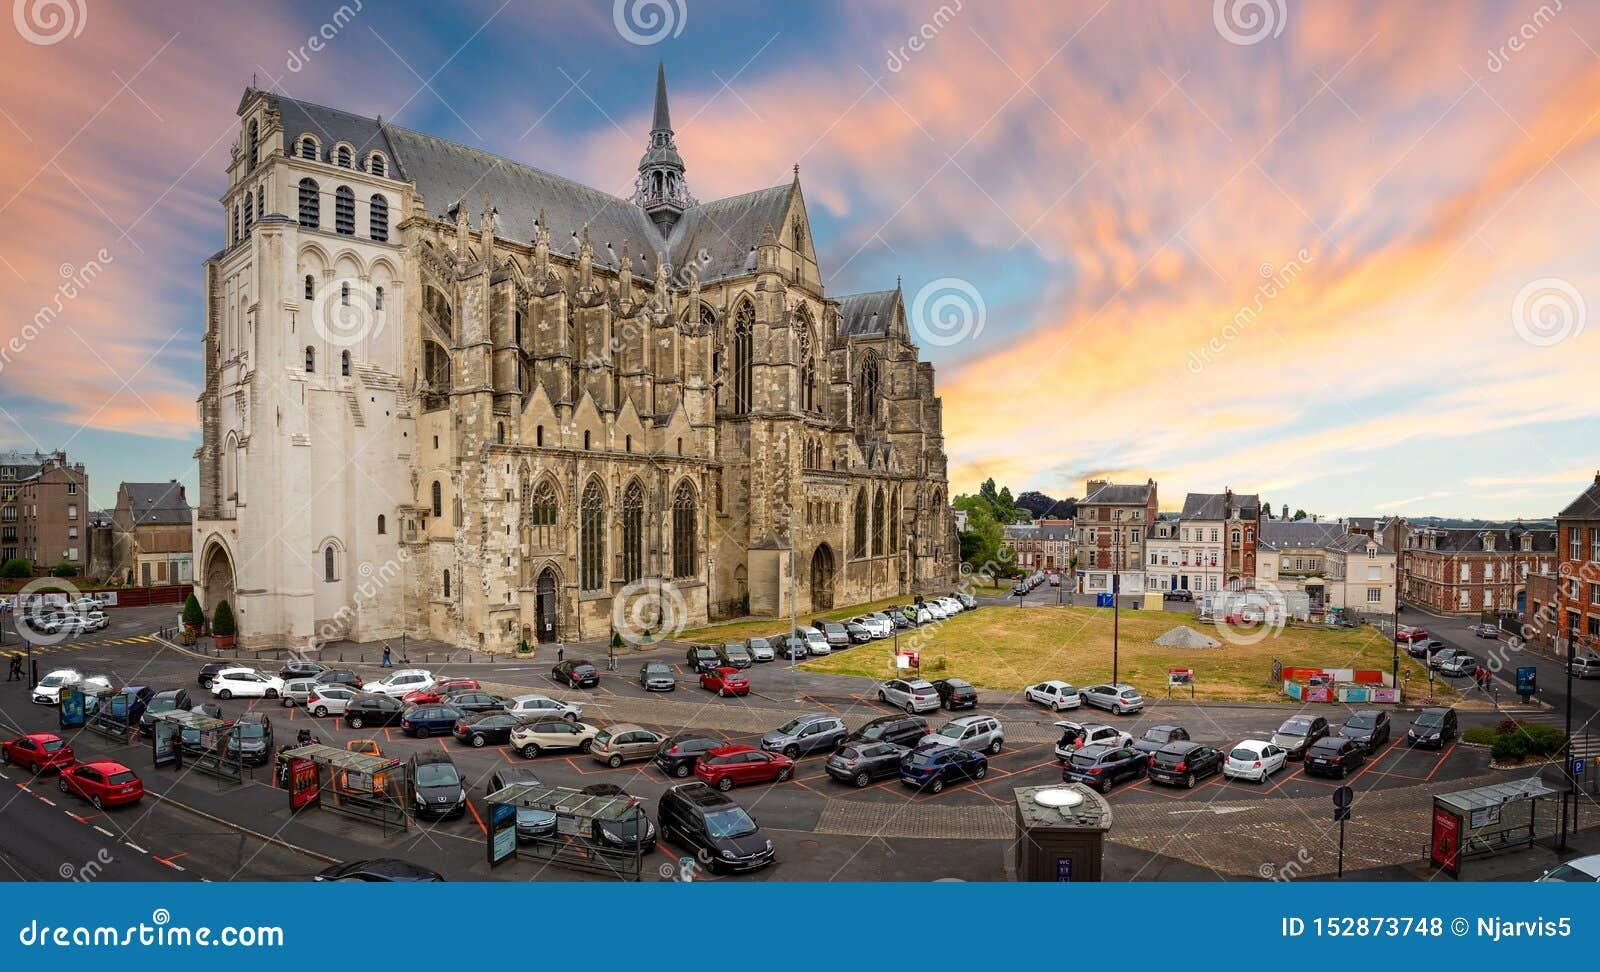 Η βασιλική του Saint-Quentin στην εκκλησία ηλιοβασιλέματος στο Saint-Quentin, Aisne, Γαλλία